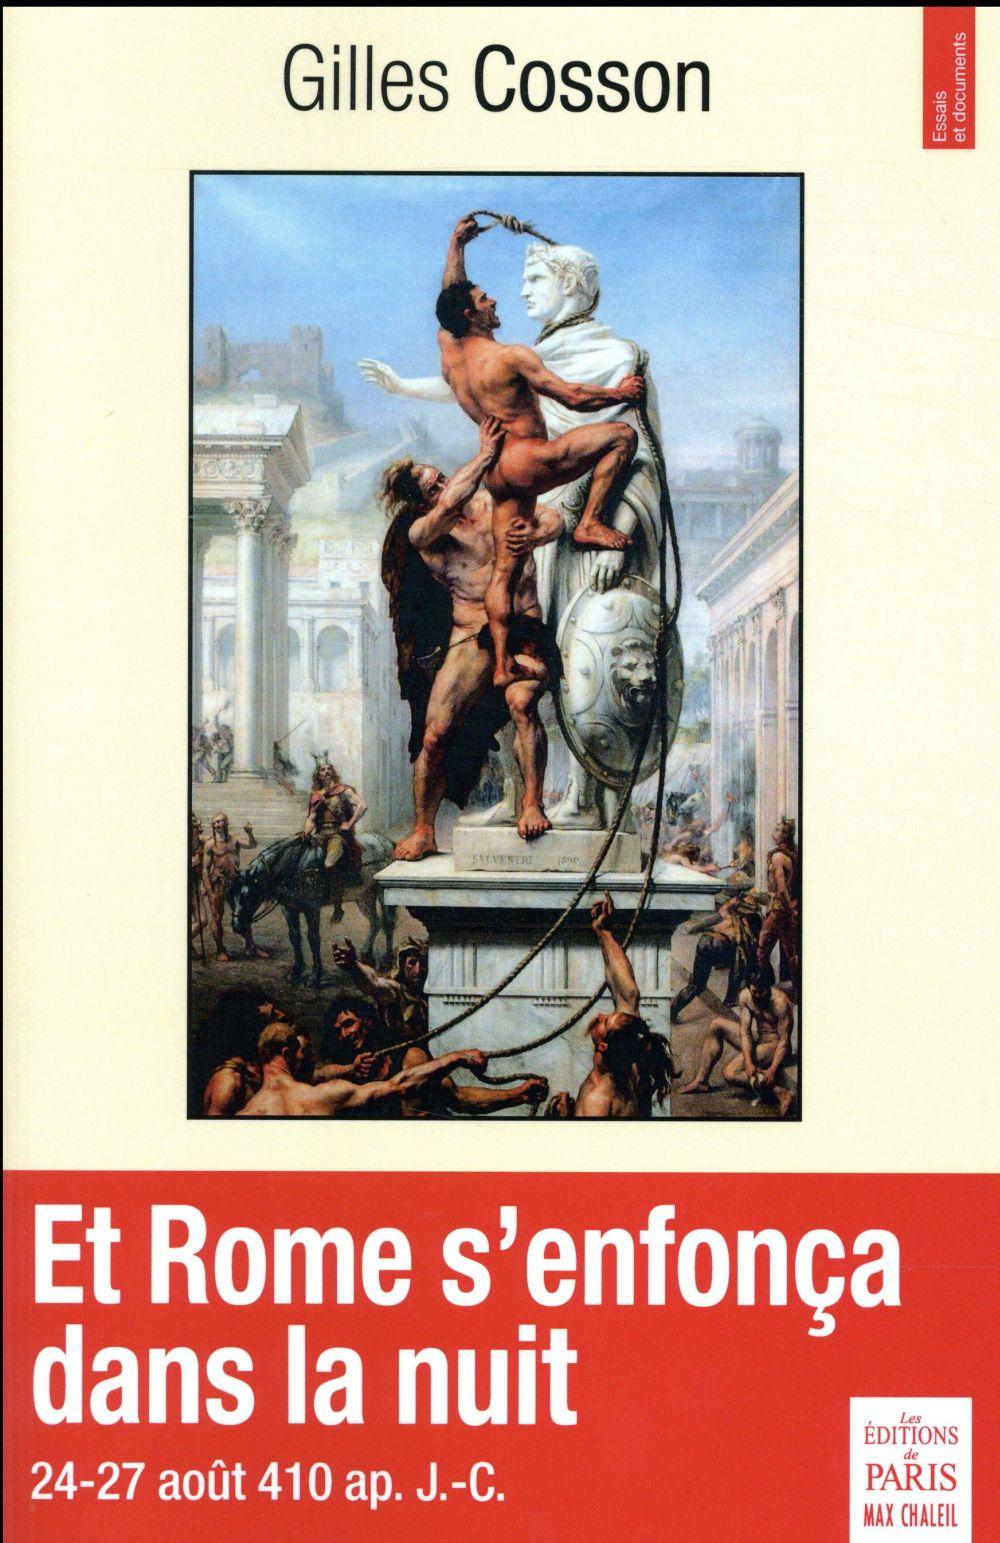 Et Rome s'enfonça dans la nuit ; 24-27 août ap. J.-C.